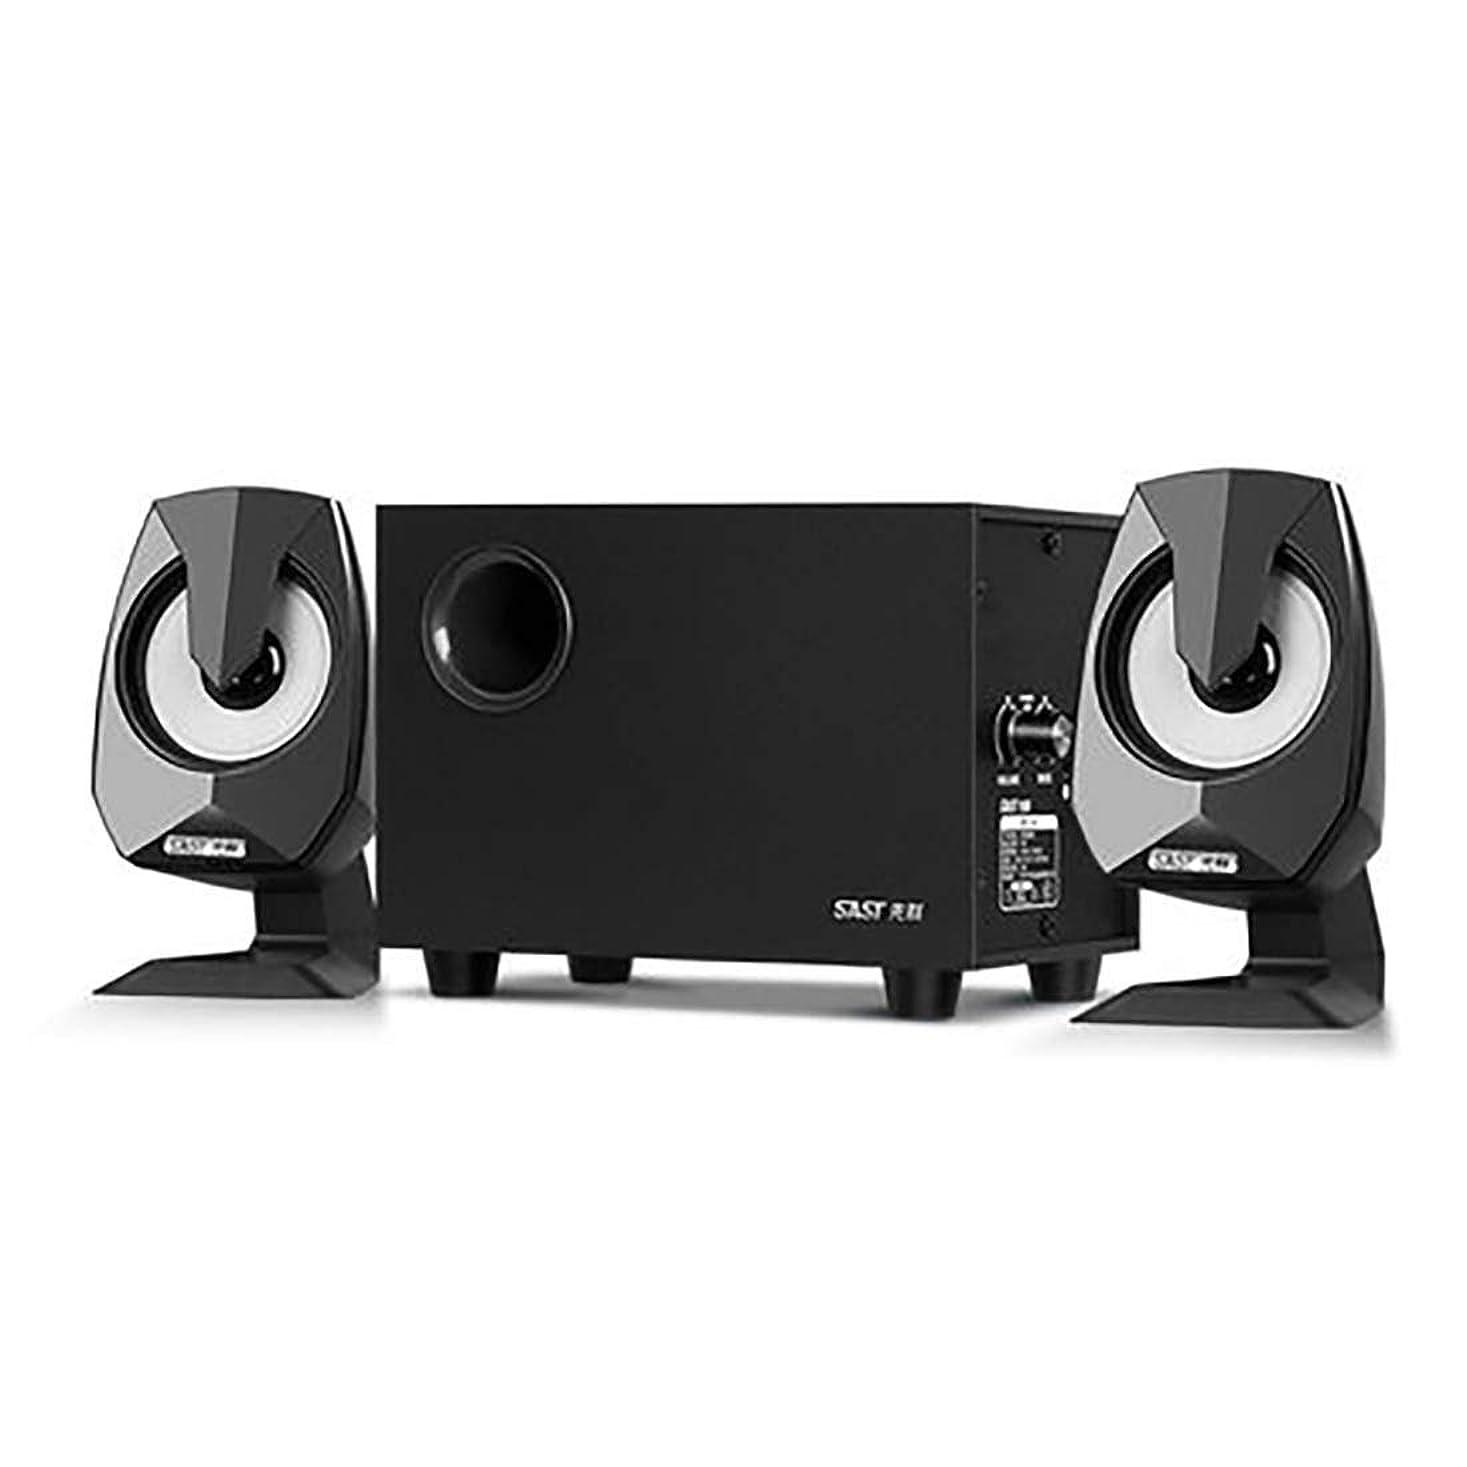 対称好き穿孔するXIONGHAIZI コンピュータのオーディオ家庭サブウーファーデスクトップコンピュータ小型スピーカーノートブックBluetoothサブウーファー 非常に良い音質 (Color : Black, Size : Standard model)